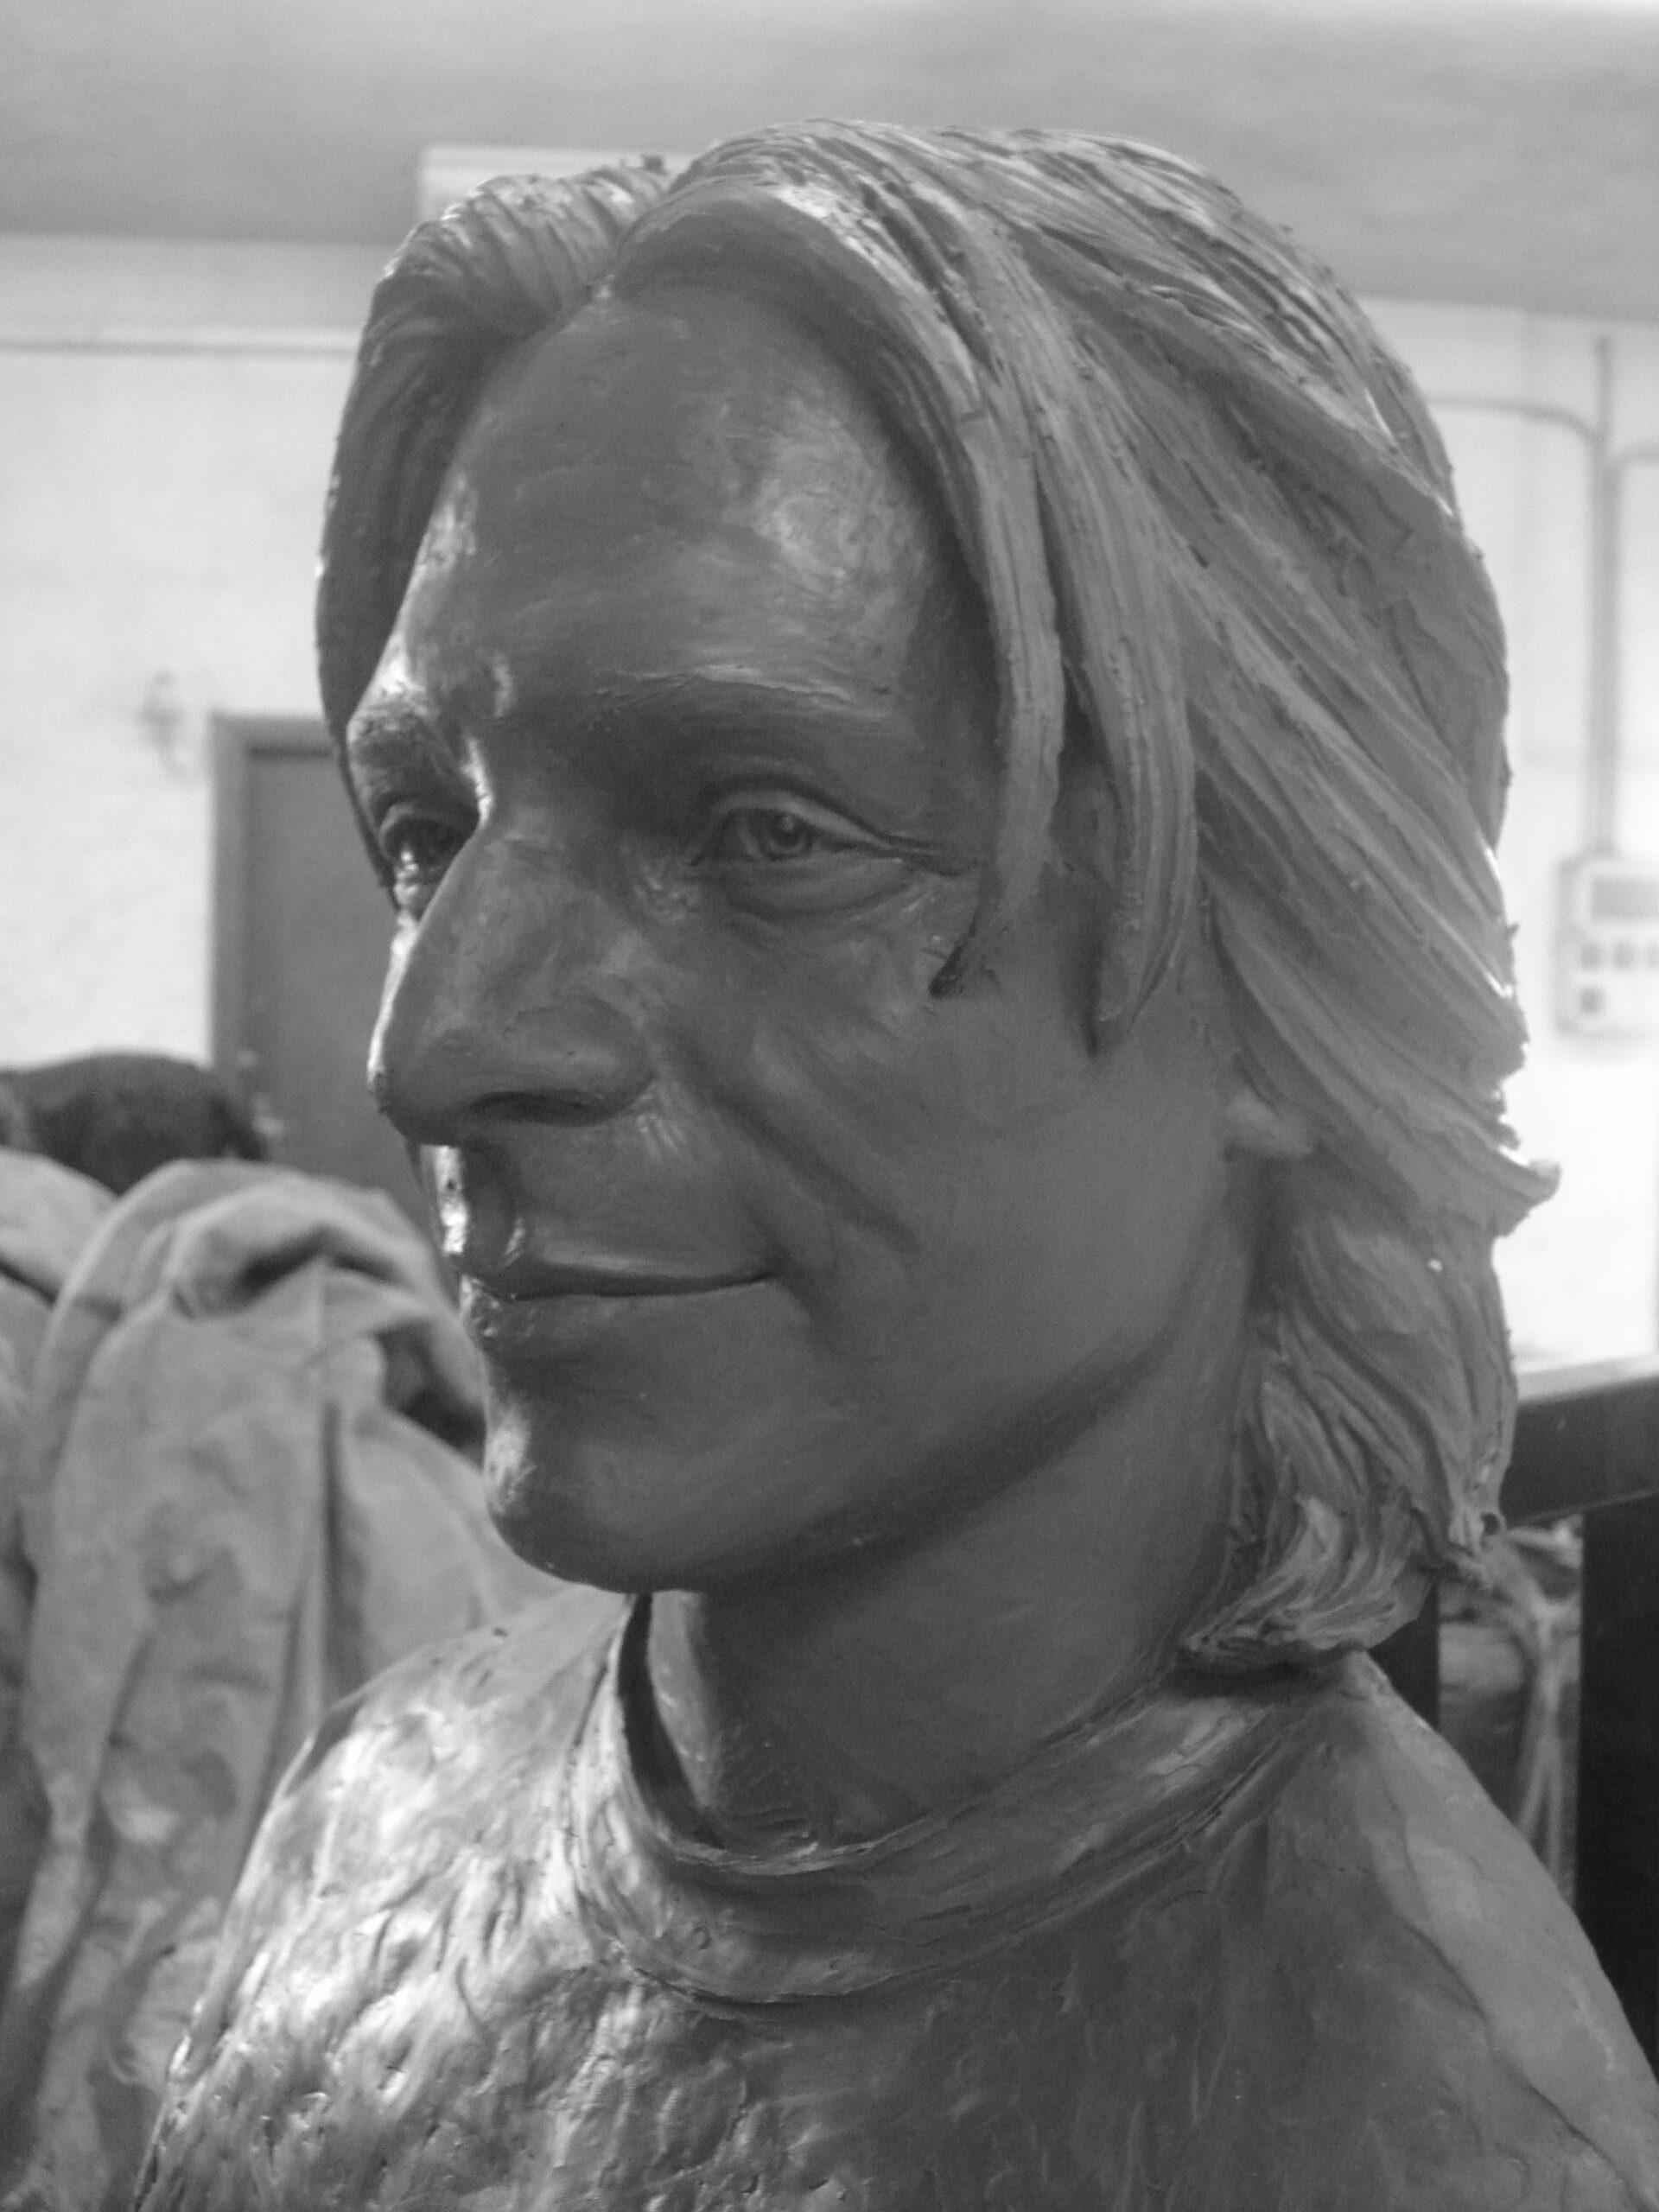 Ritratto scultoreo di giovane uomo